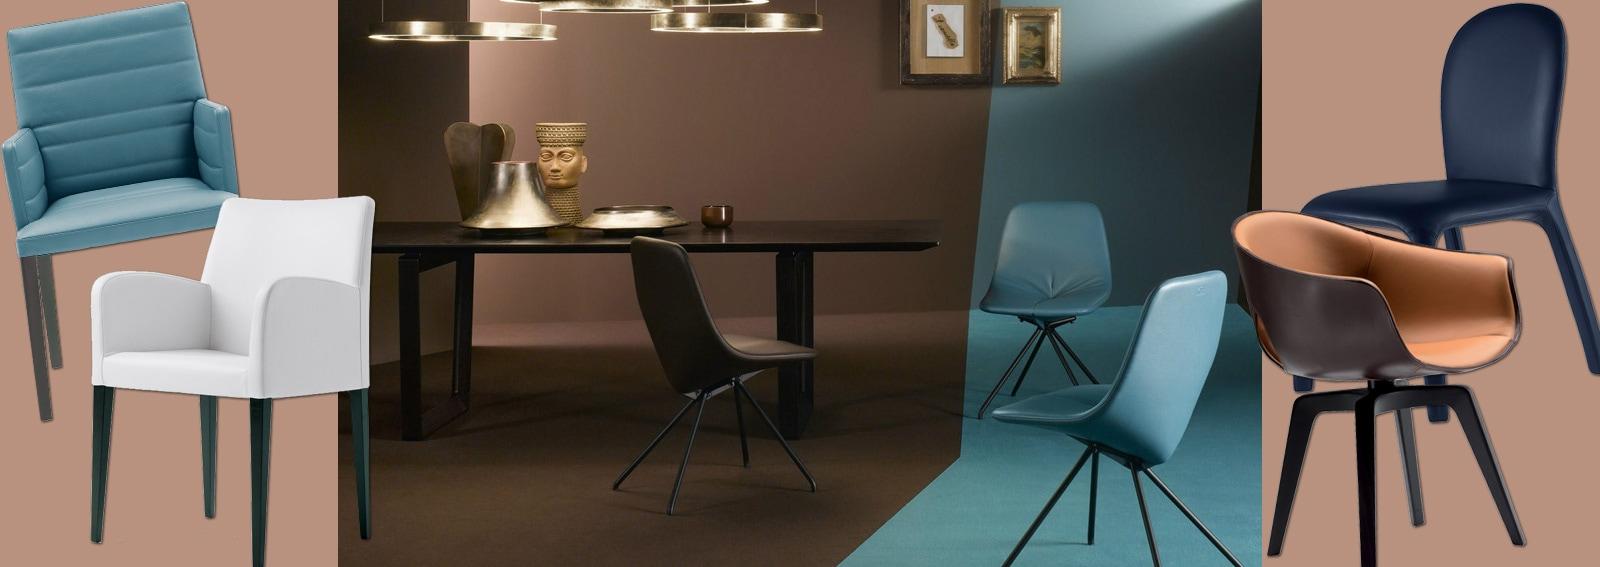 Cover-sedie-poltrona-frau-desktop1